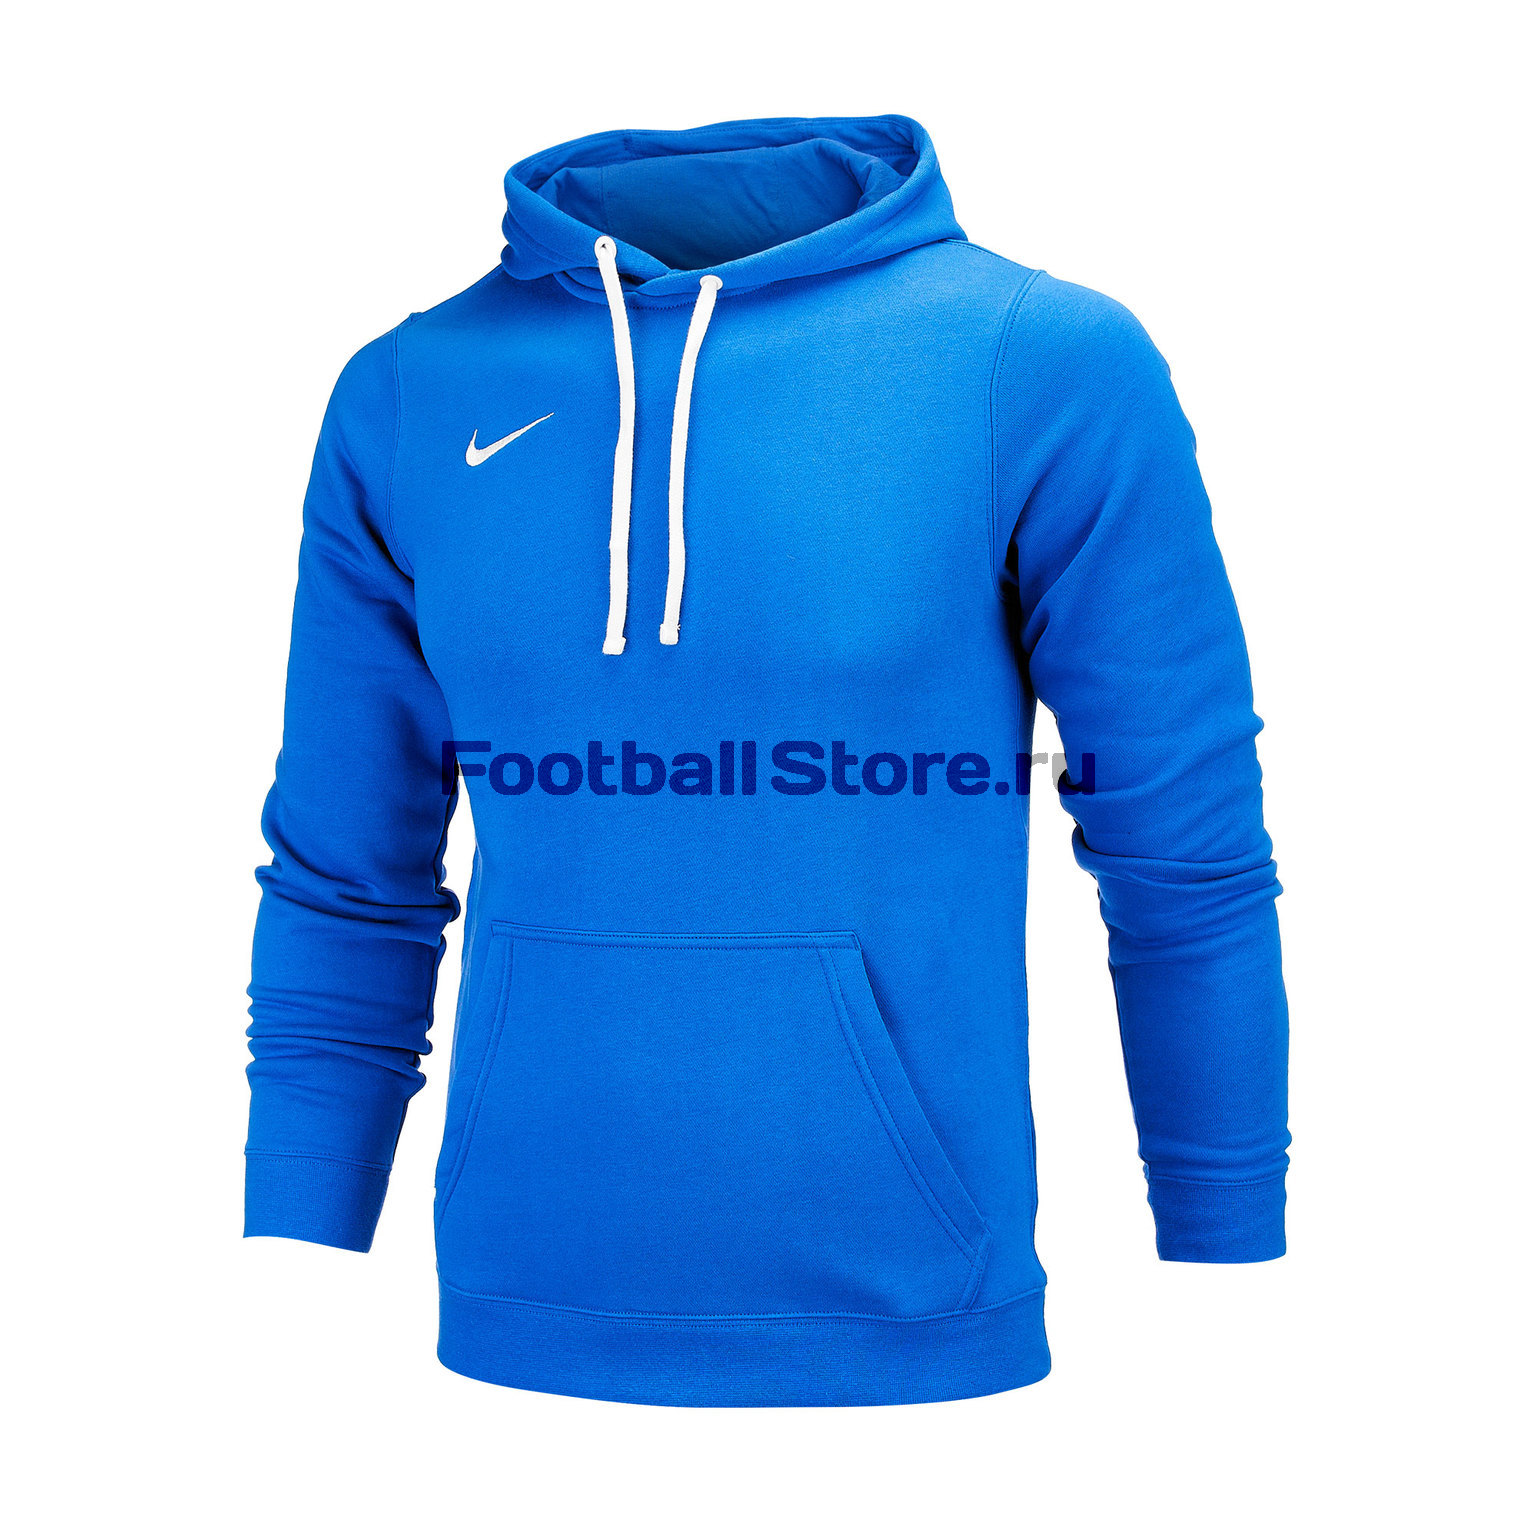 купить Толстовка Nike Hoodie Po Flc Club19 AR3239-463 дешево